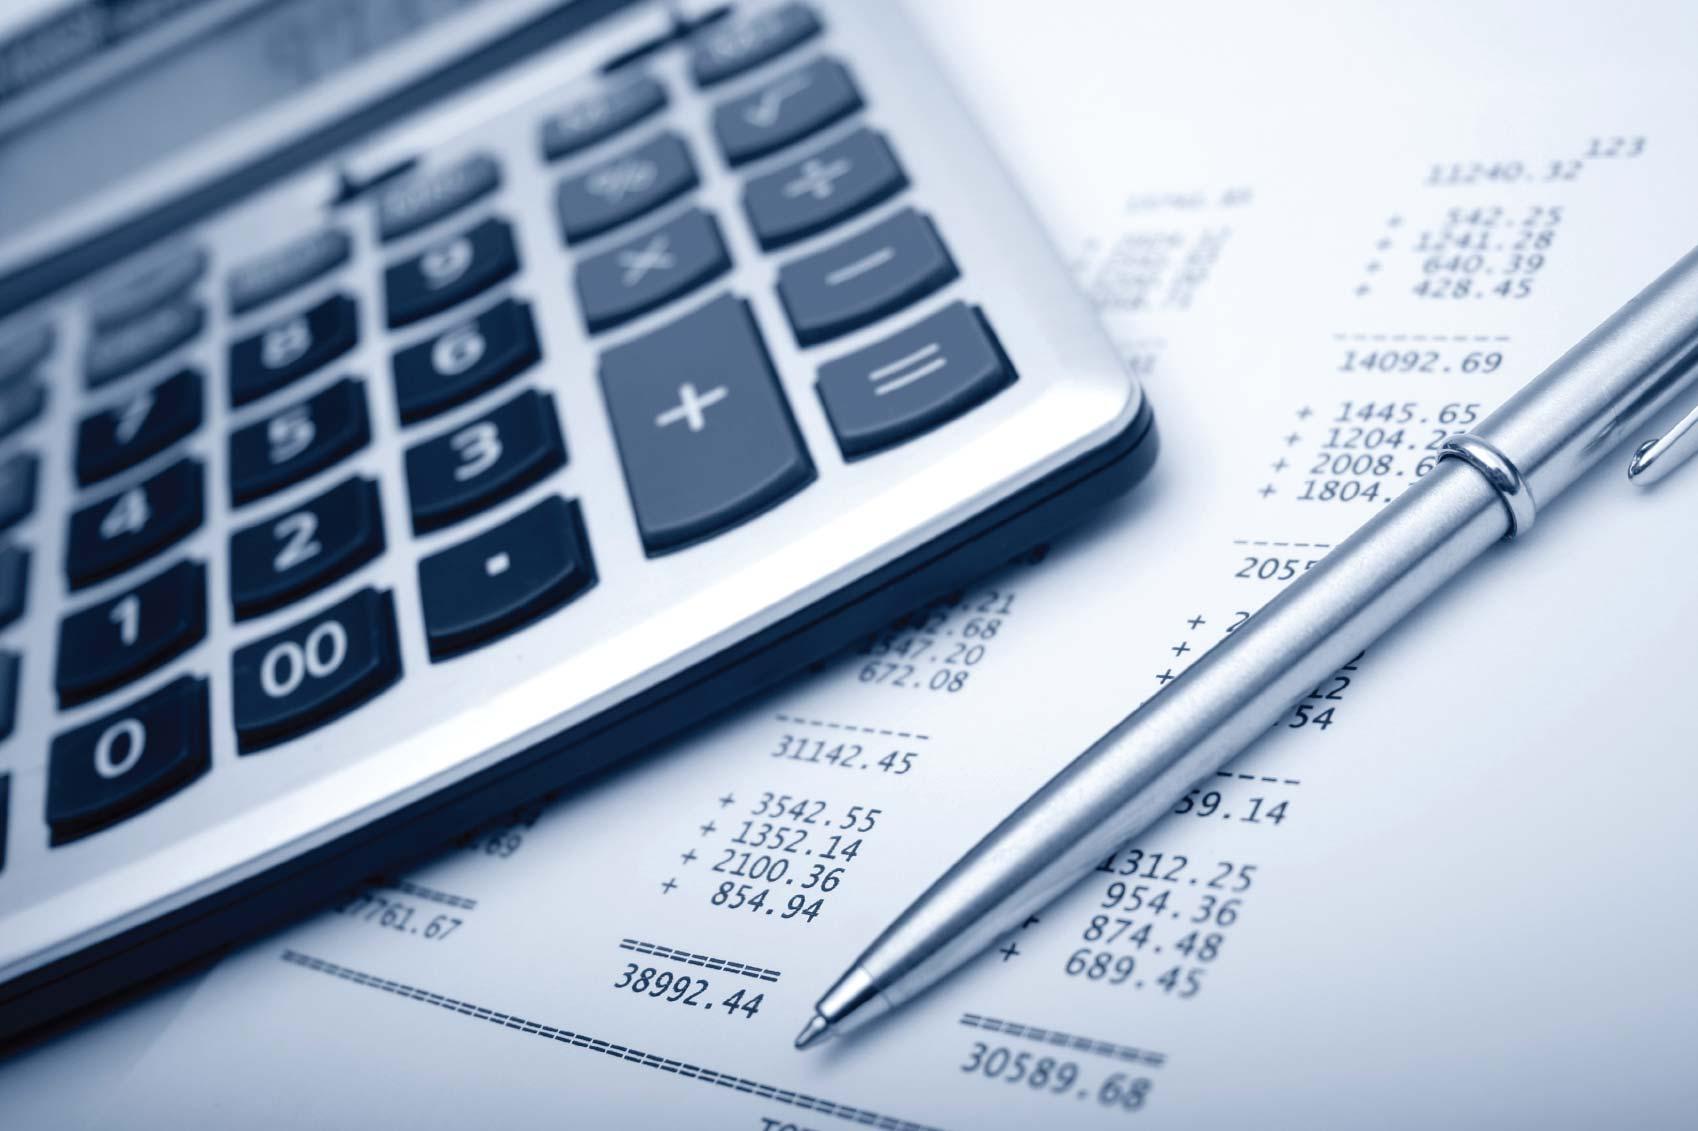 Beralih Ke Sistem Payroll? Ini Hal Yang Harus Dipersiapkan